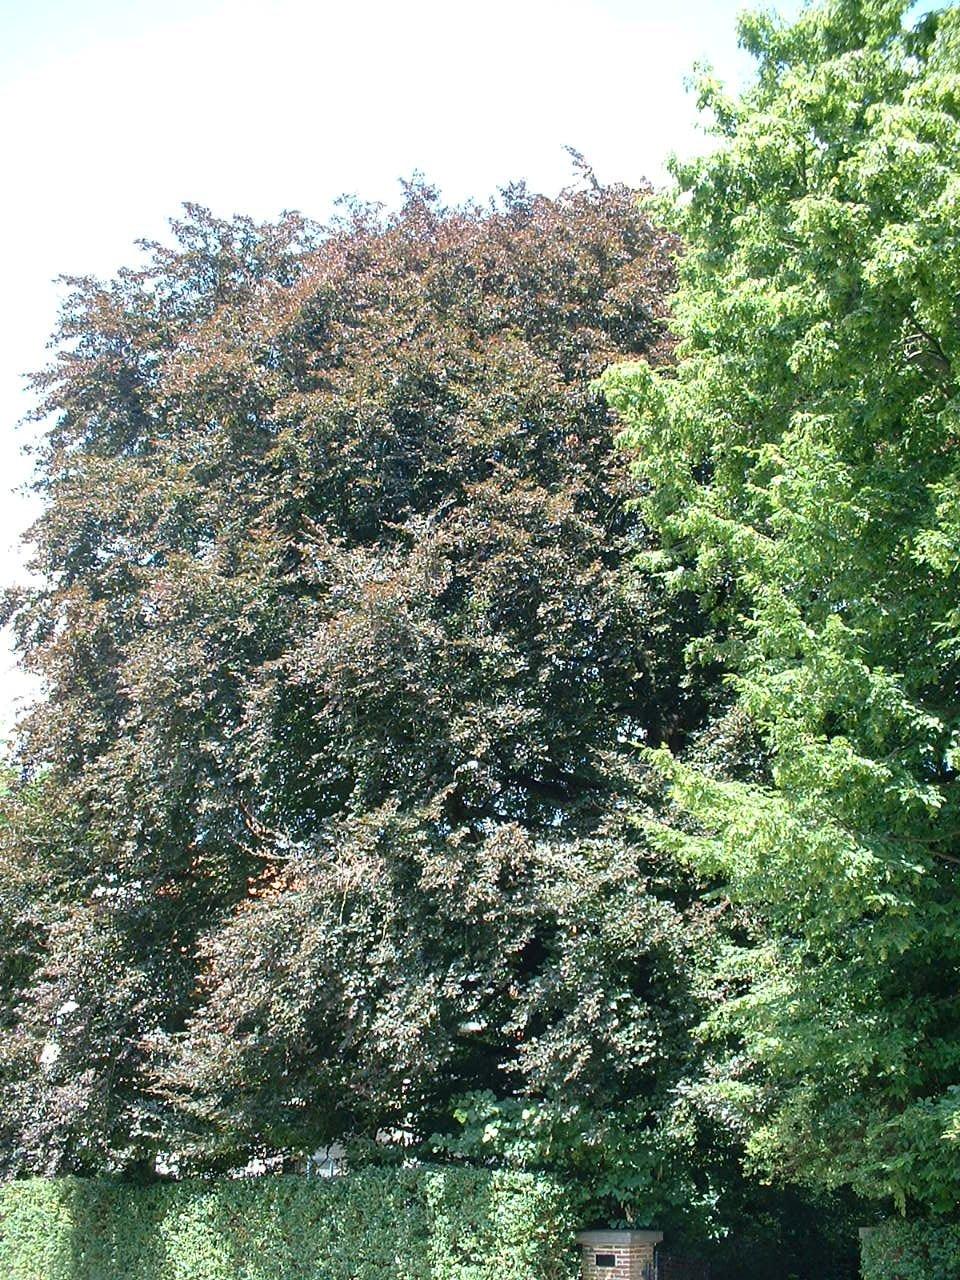 Hêtre pourpre – Watermael-Boitsfort, Avenue Léopold Wiener, 86 –  18 Juillet 2002